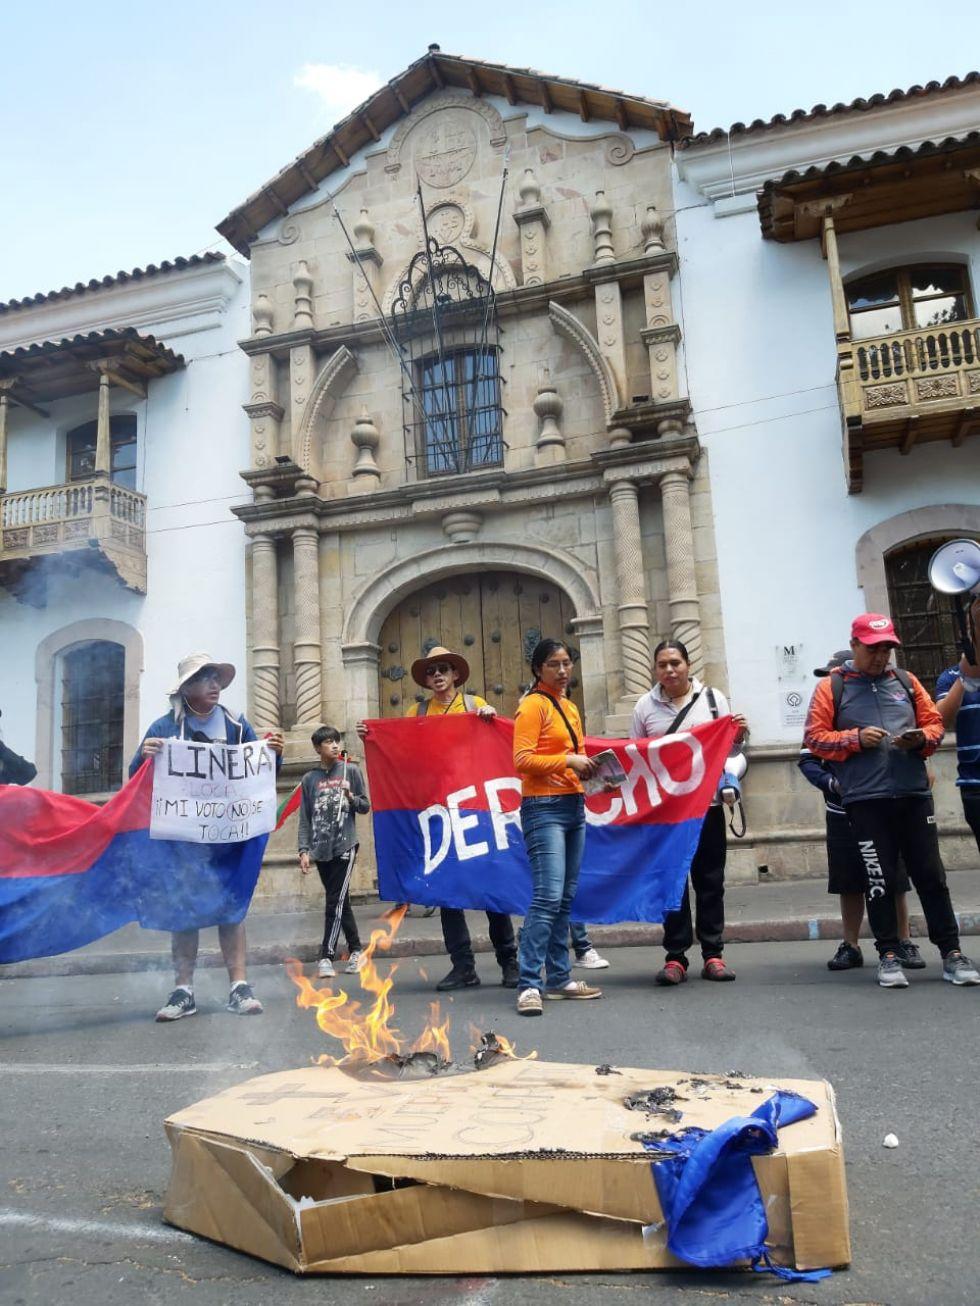 Estudiantes de la Universidad queman un ataúd con el nombre de Evo Morales.